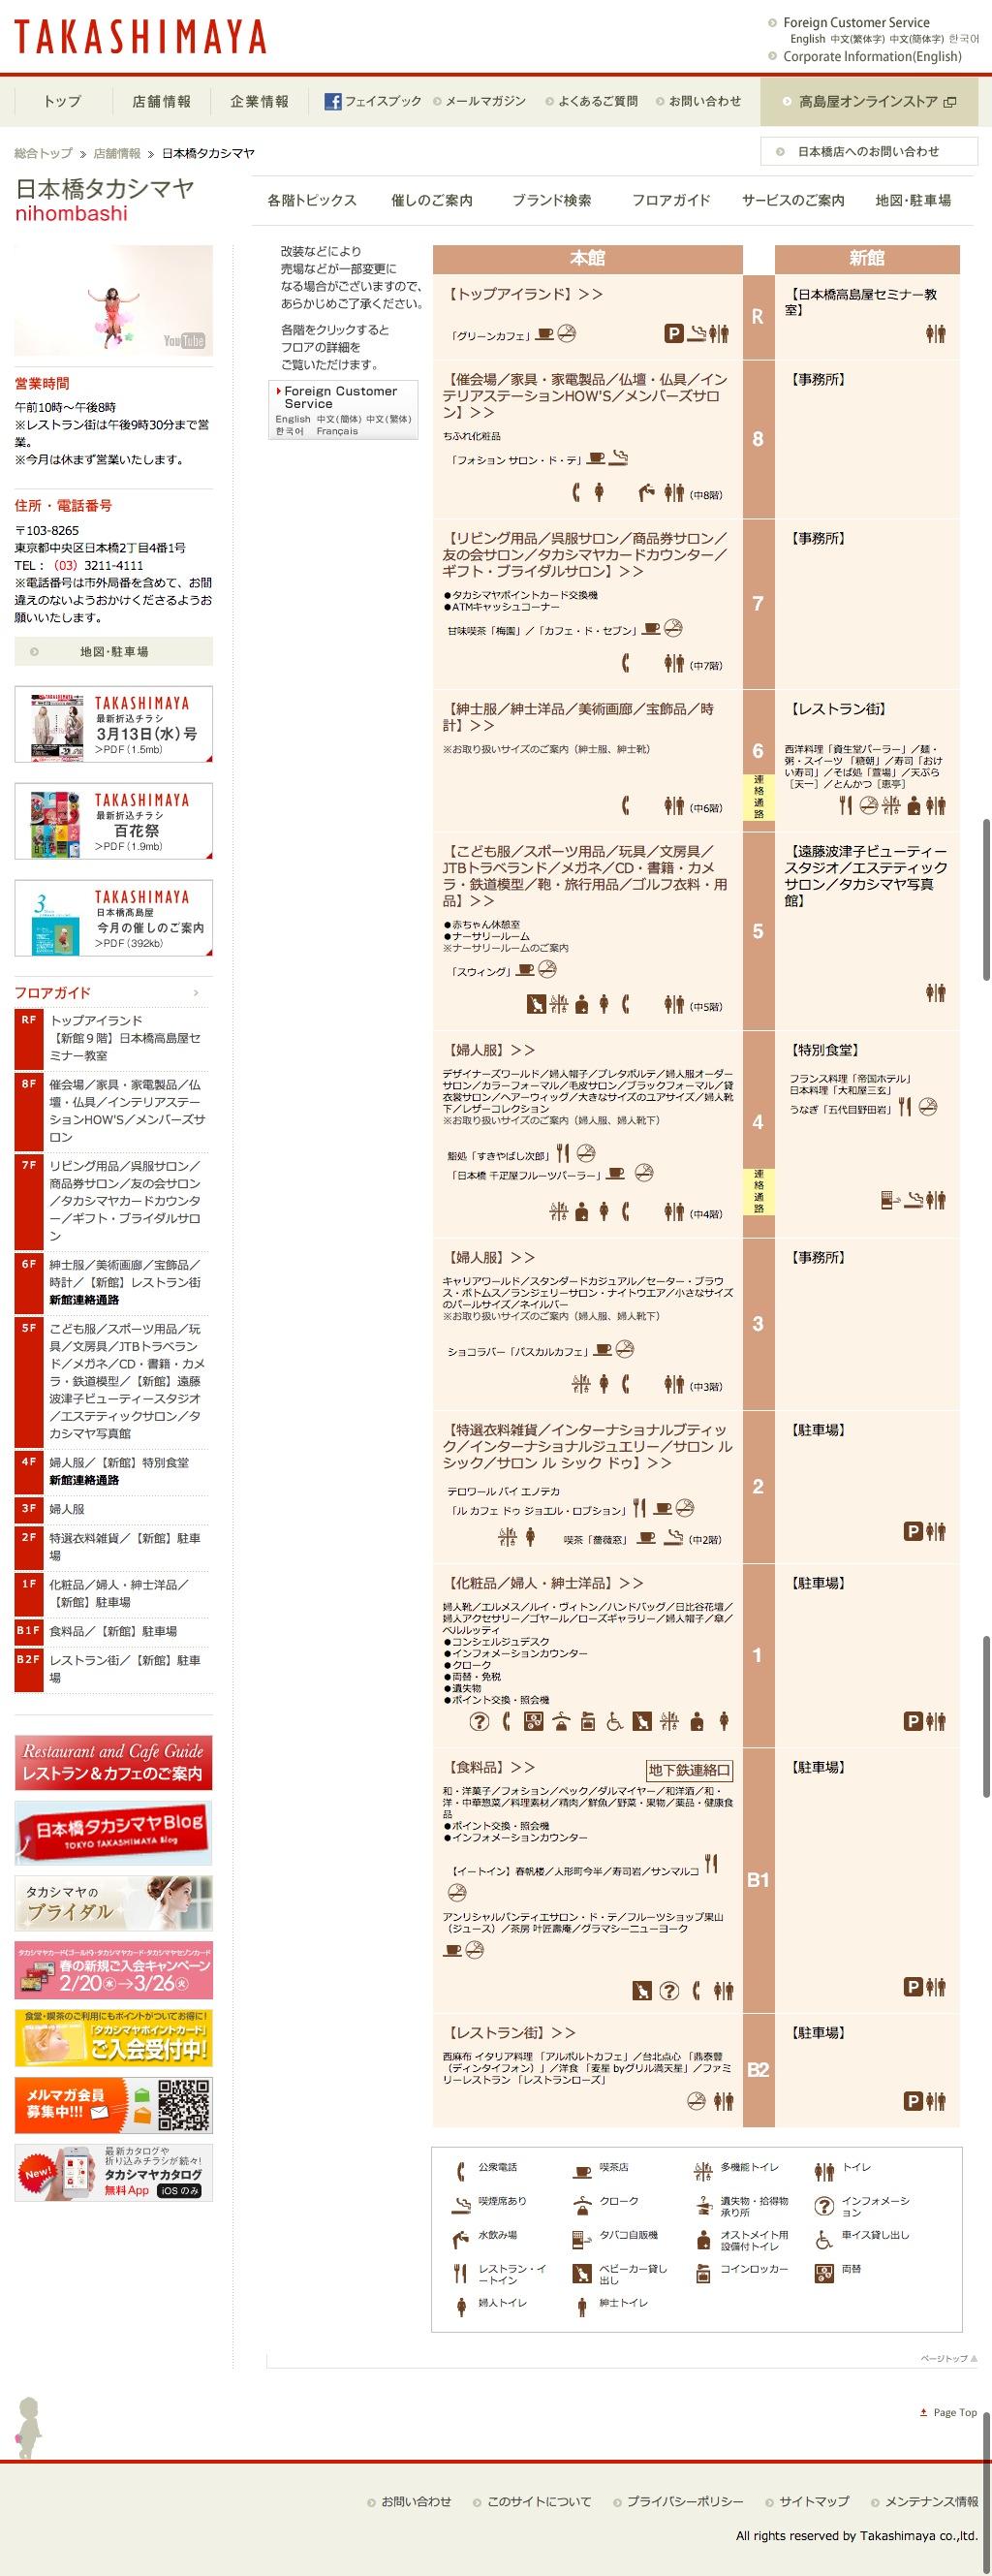 フロアガイド   日本橋タカシマヤ